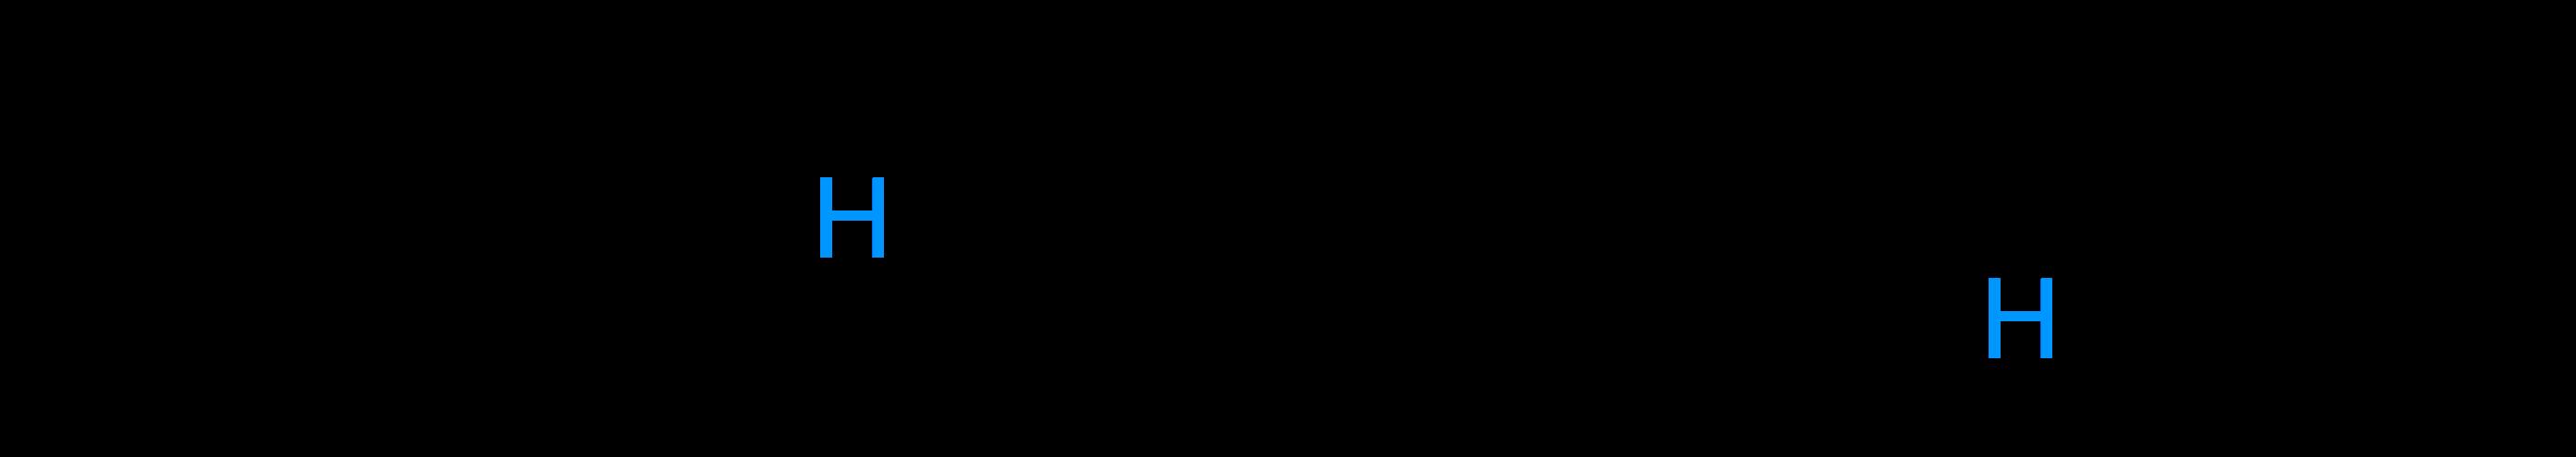 Teoría ácido Base De Brønsted Lowry Artículo Khan Academy